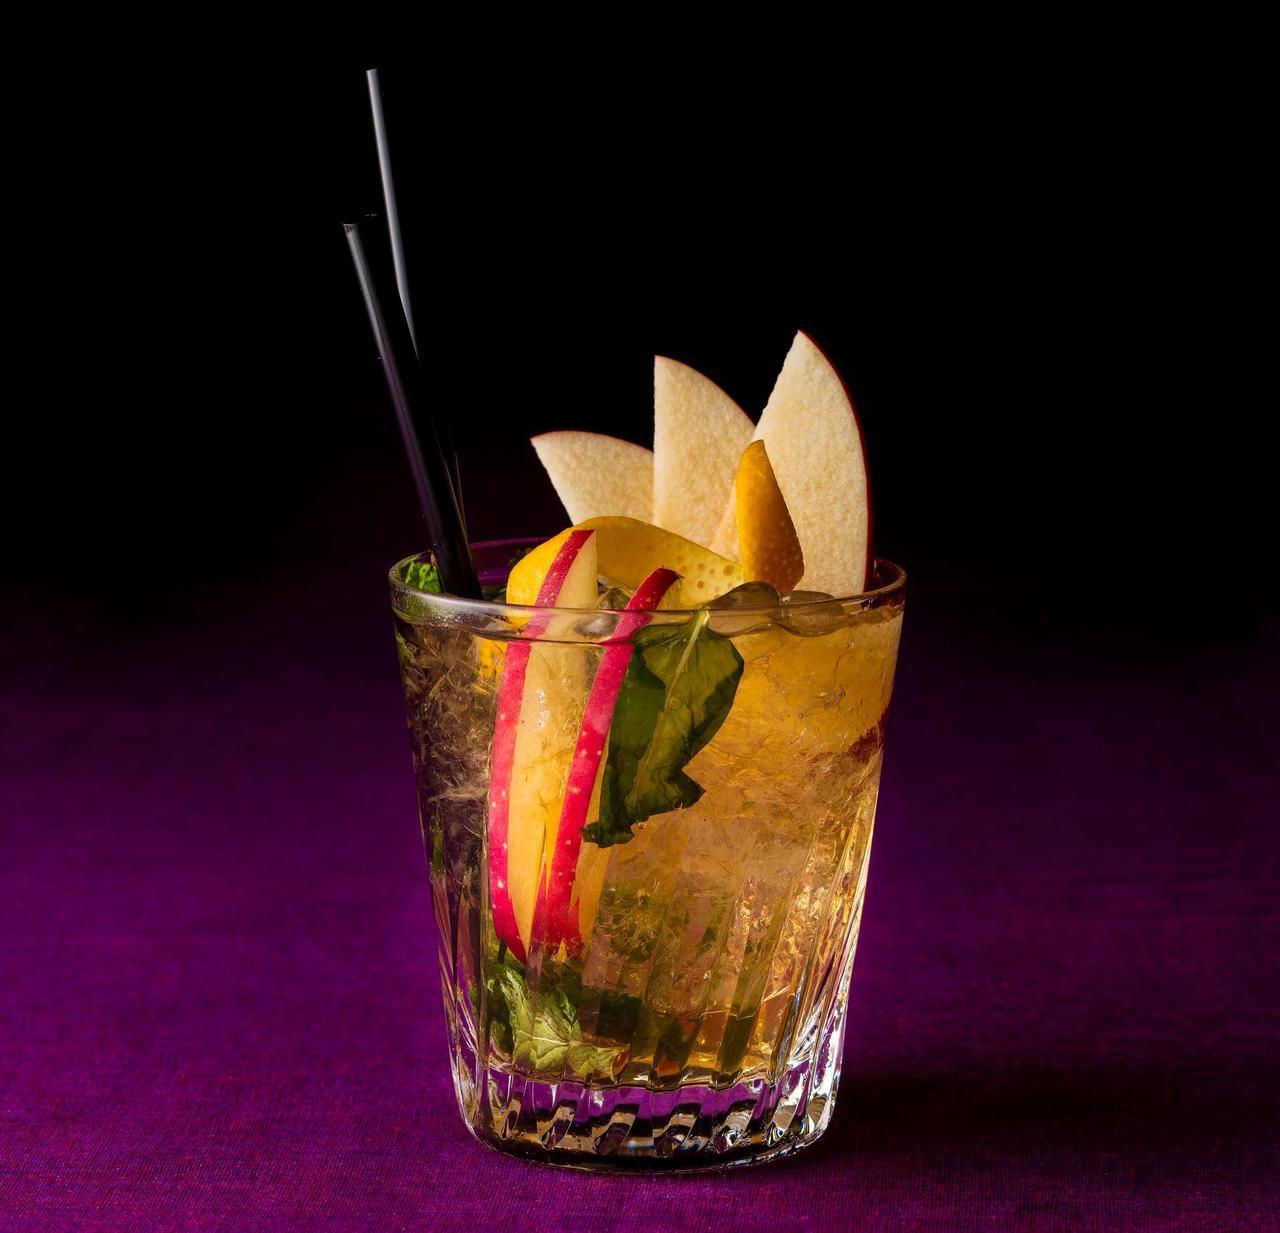 画像: 【ジャック ハロウィン カクテル】2,257円 熟成した香りが魅力のウィスキーがベースのカクテルです。キャラメルシロップの甘さとリンゴの香りとジンジャーのアクセントを添えてご提供いたします。フレッシュのリンゴとオレンジ、ミントを添えて。